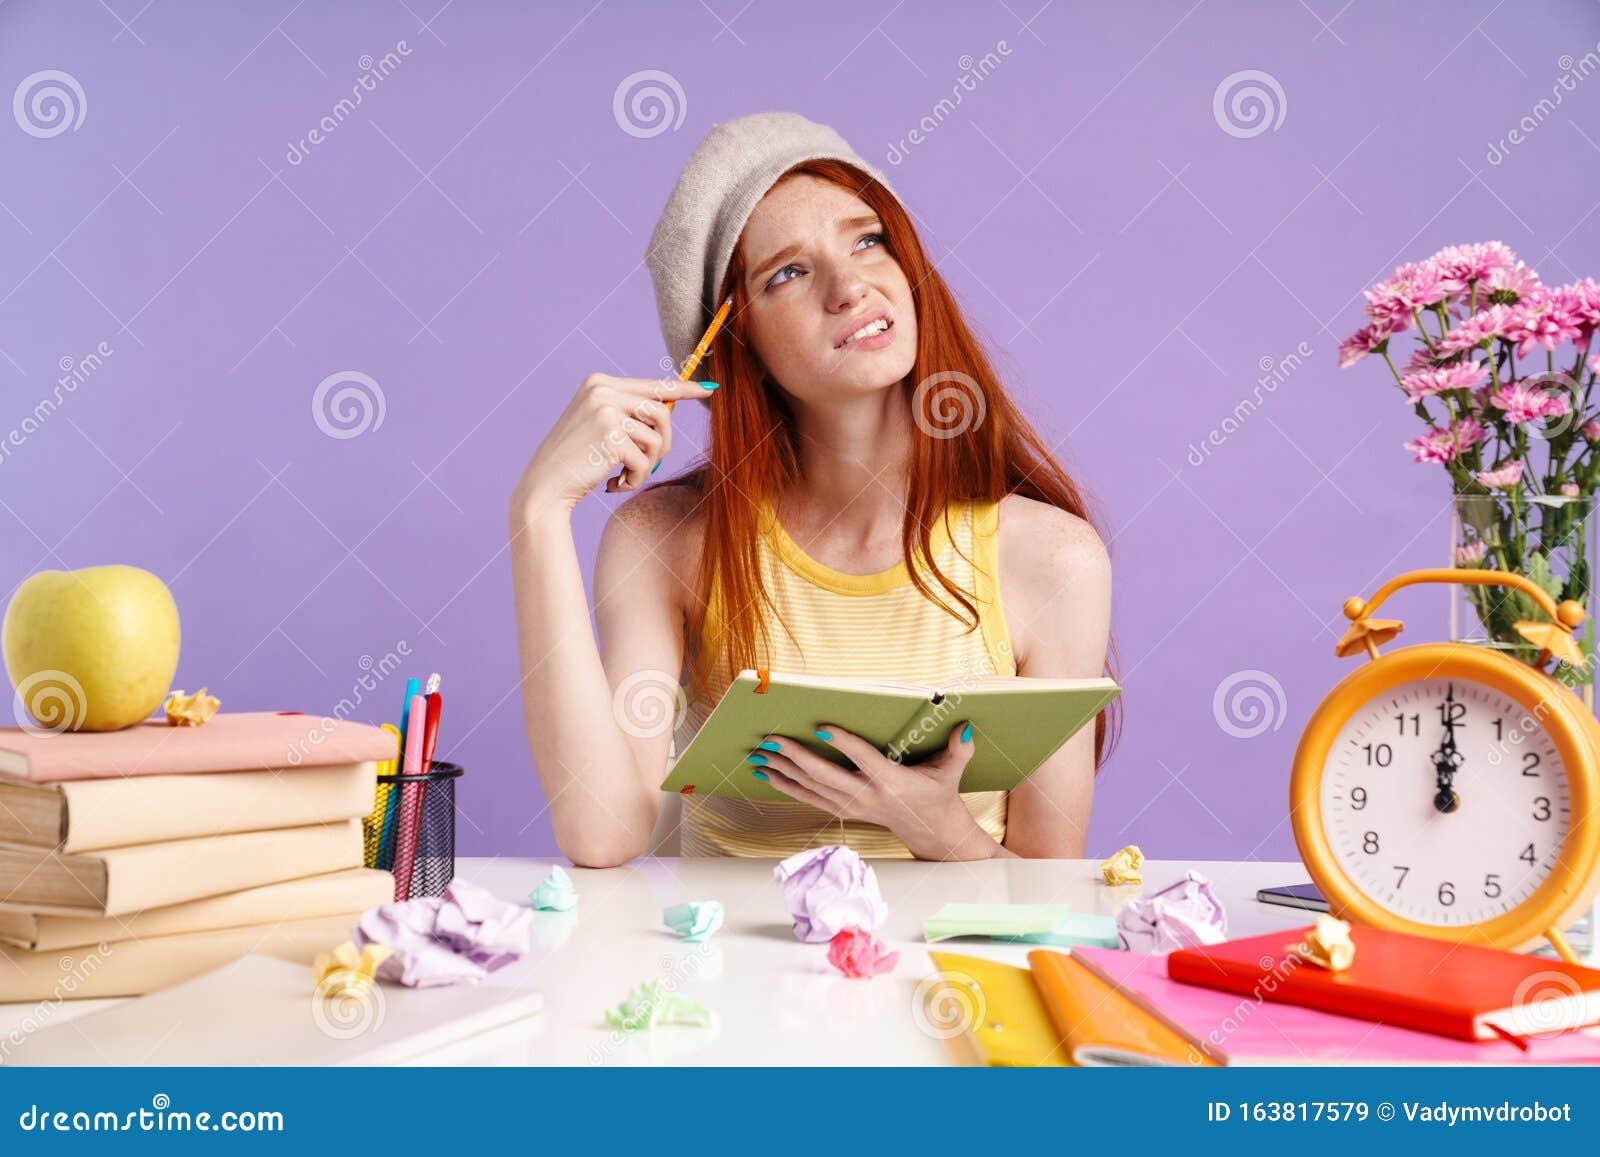 фото девушек во время работы